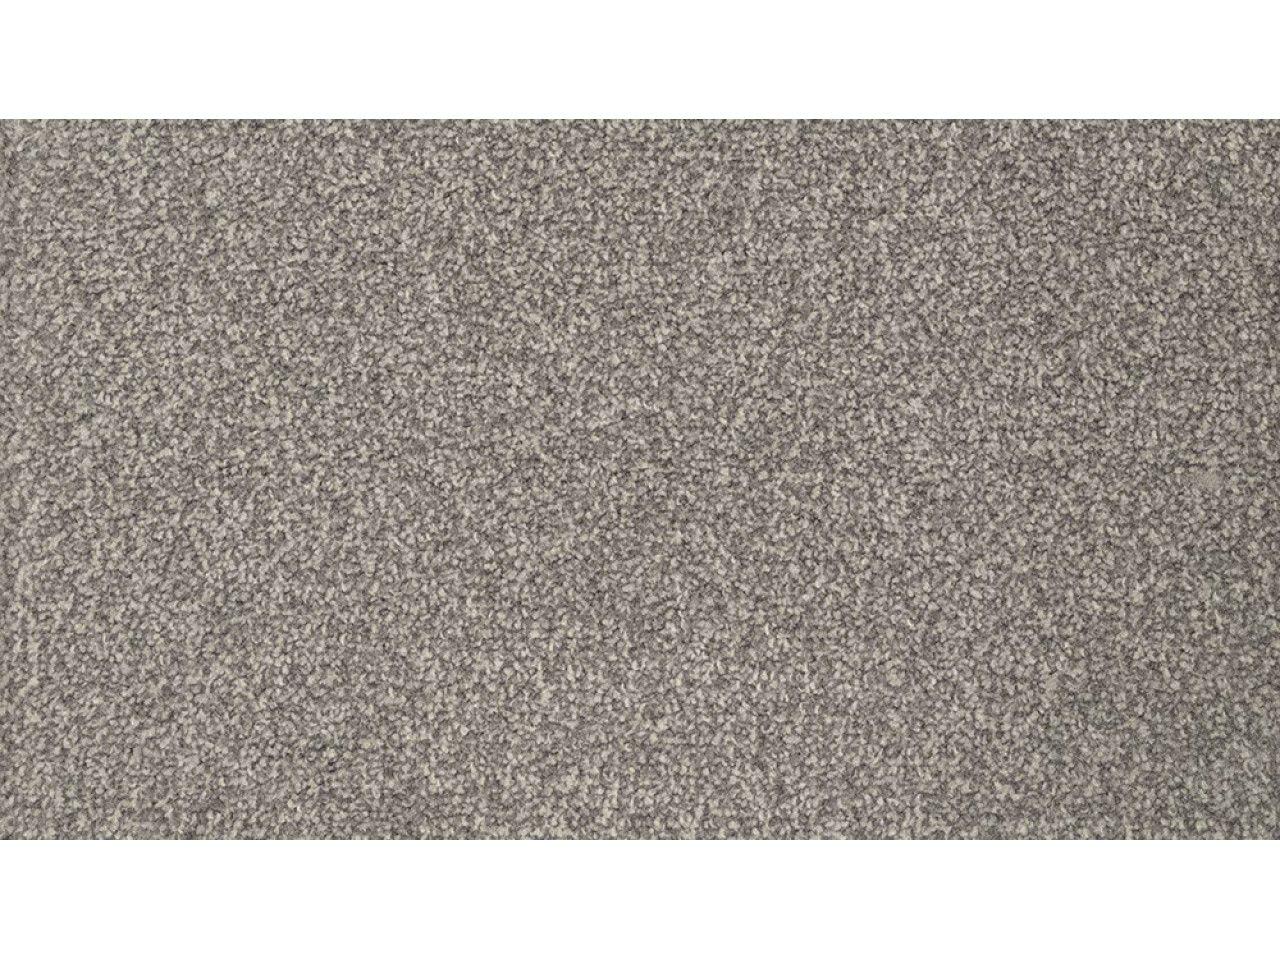 Greystoke Satisfaction Luxury Carpet